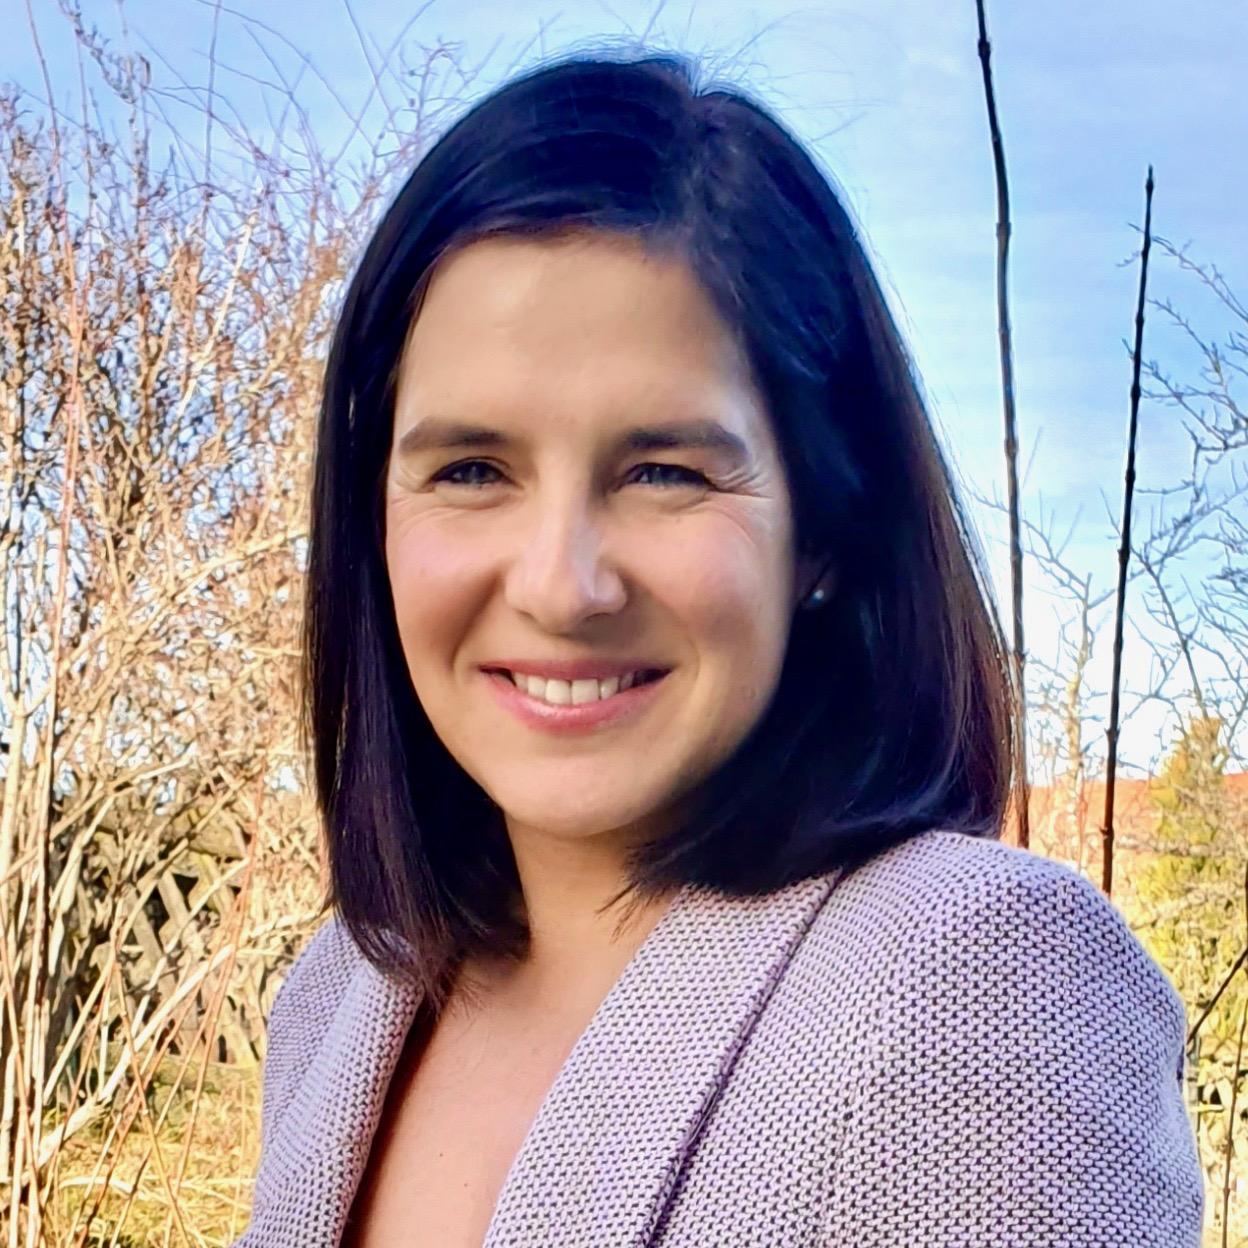 Rosemarie Waldherr